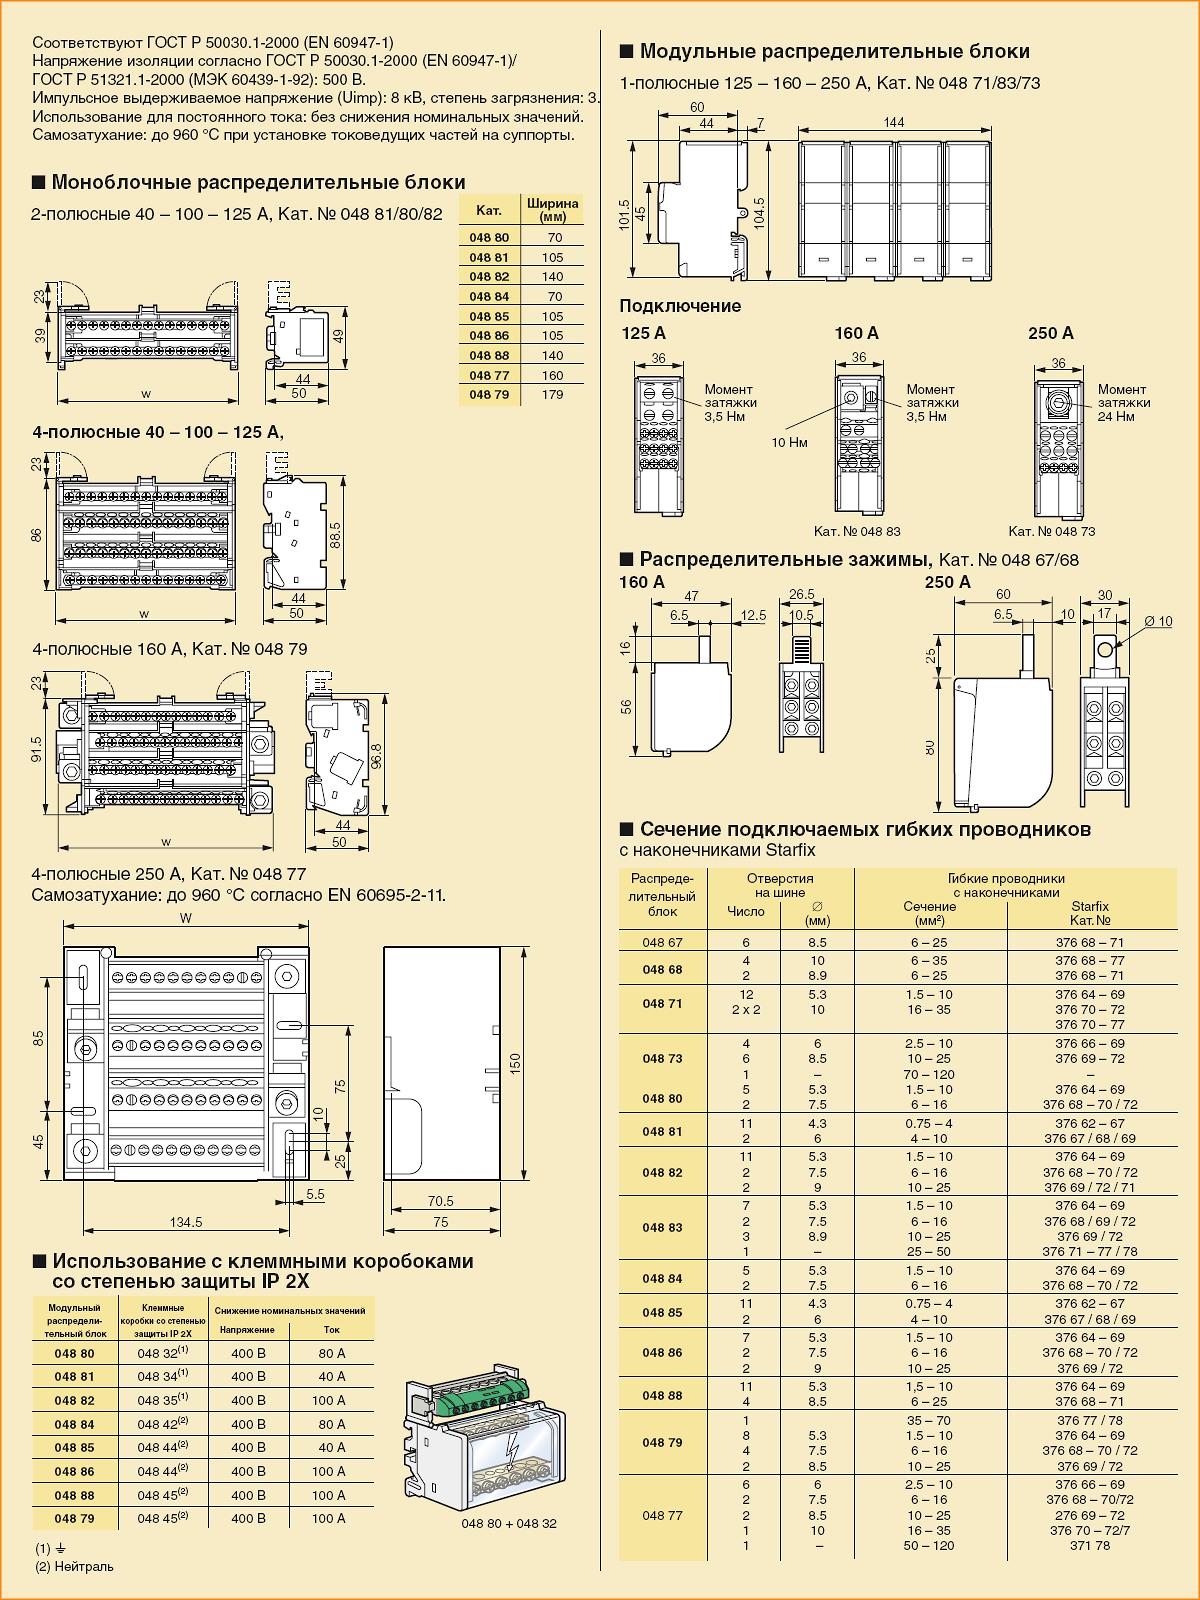 Технические данные модульных распределительный блоков LEGRAND